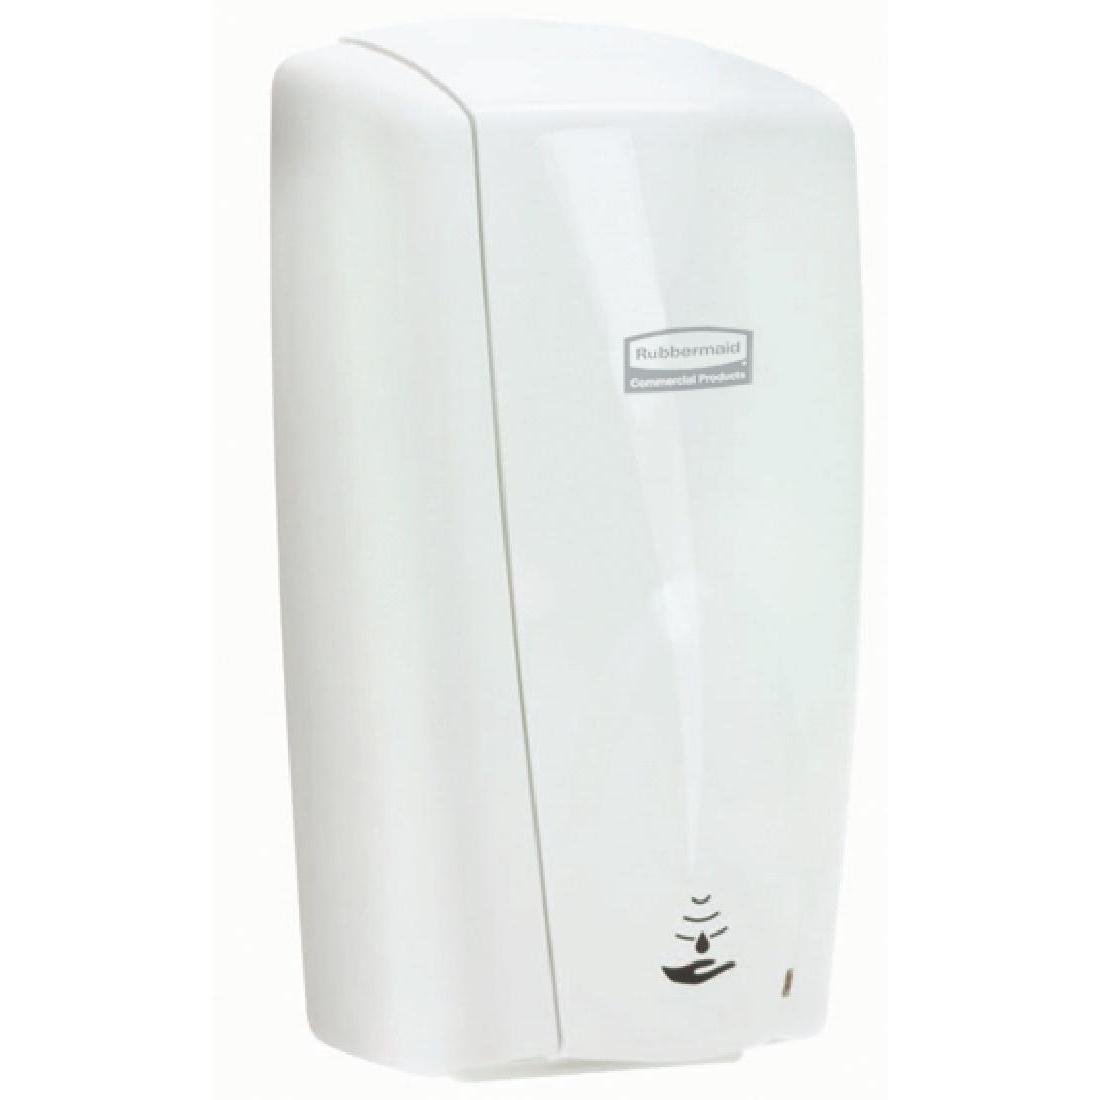 Distributeur de savon automatique Rubbermaid